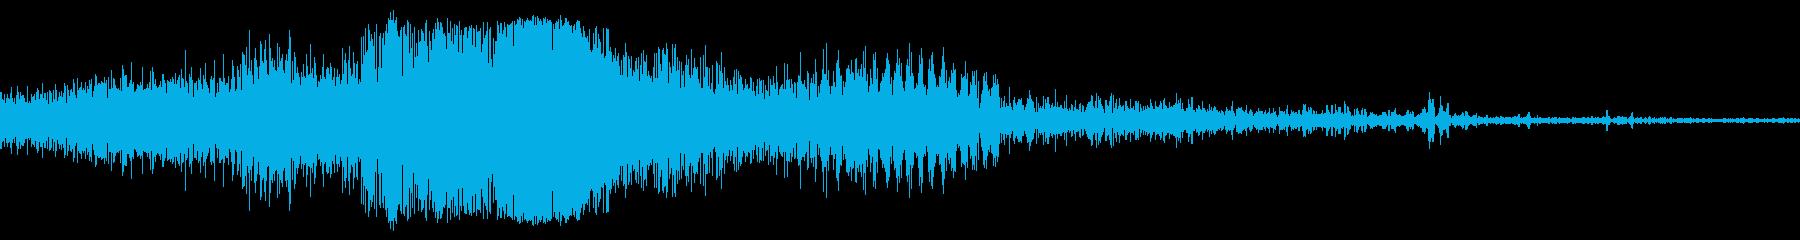 クローズアップアイドルでフォードT...の再生済みの波形